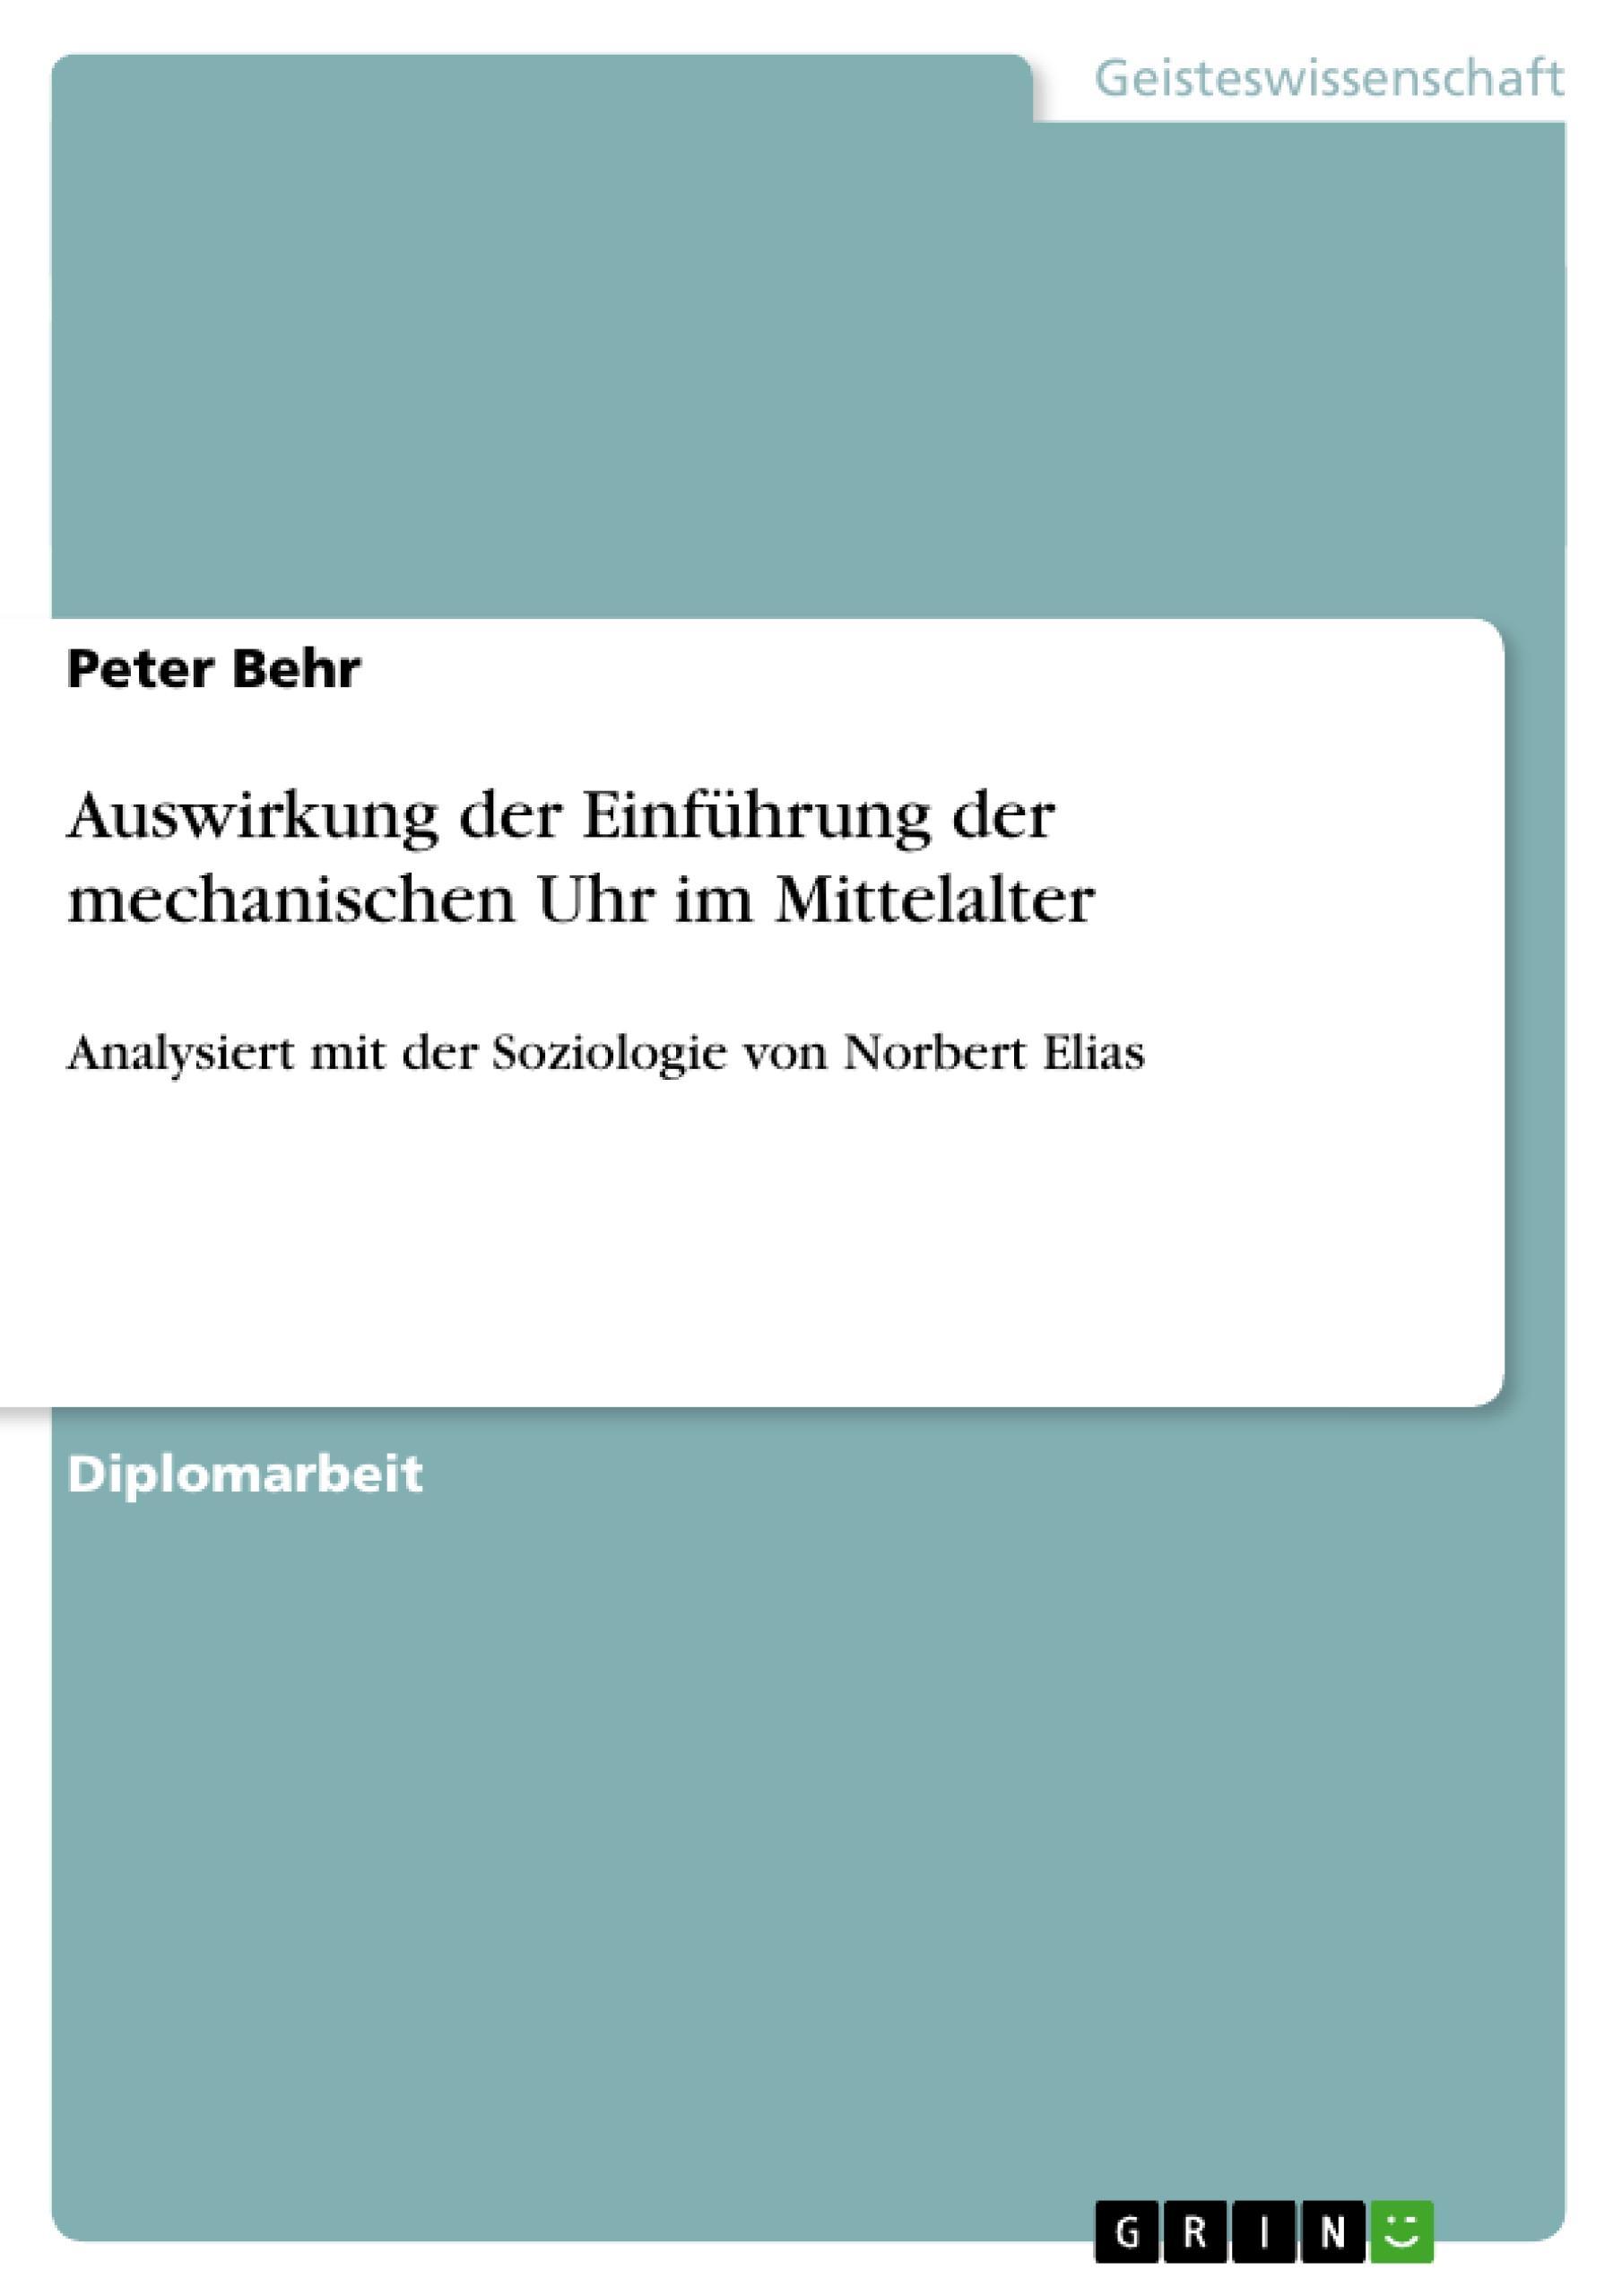 Auswirkung der Einführung der mechanischen Uhr im Mittelalter  Analysiert mit der Soziologie von Norbert Elias  Peter Behr  Taschenbuch  Deutsch  2010 - Behr, Peter